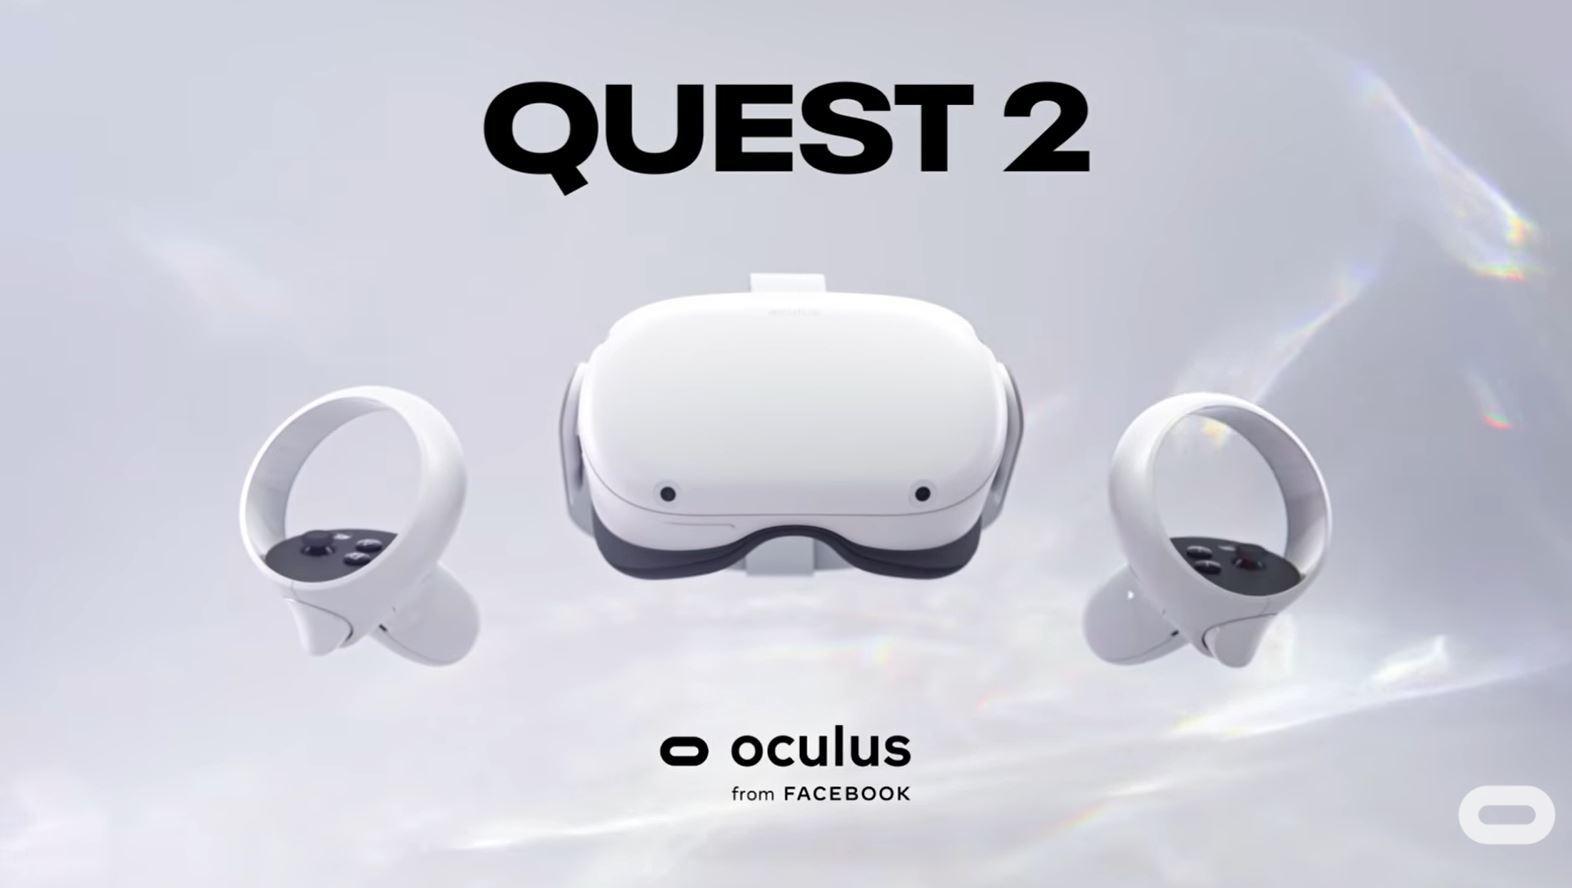 Oculus Quest 2 のイメージ